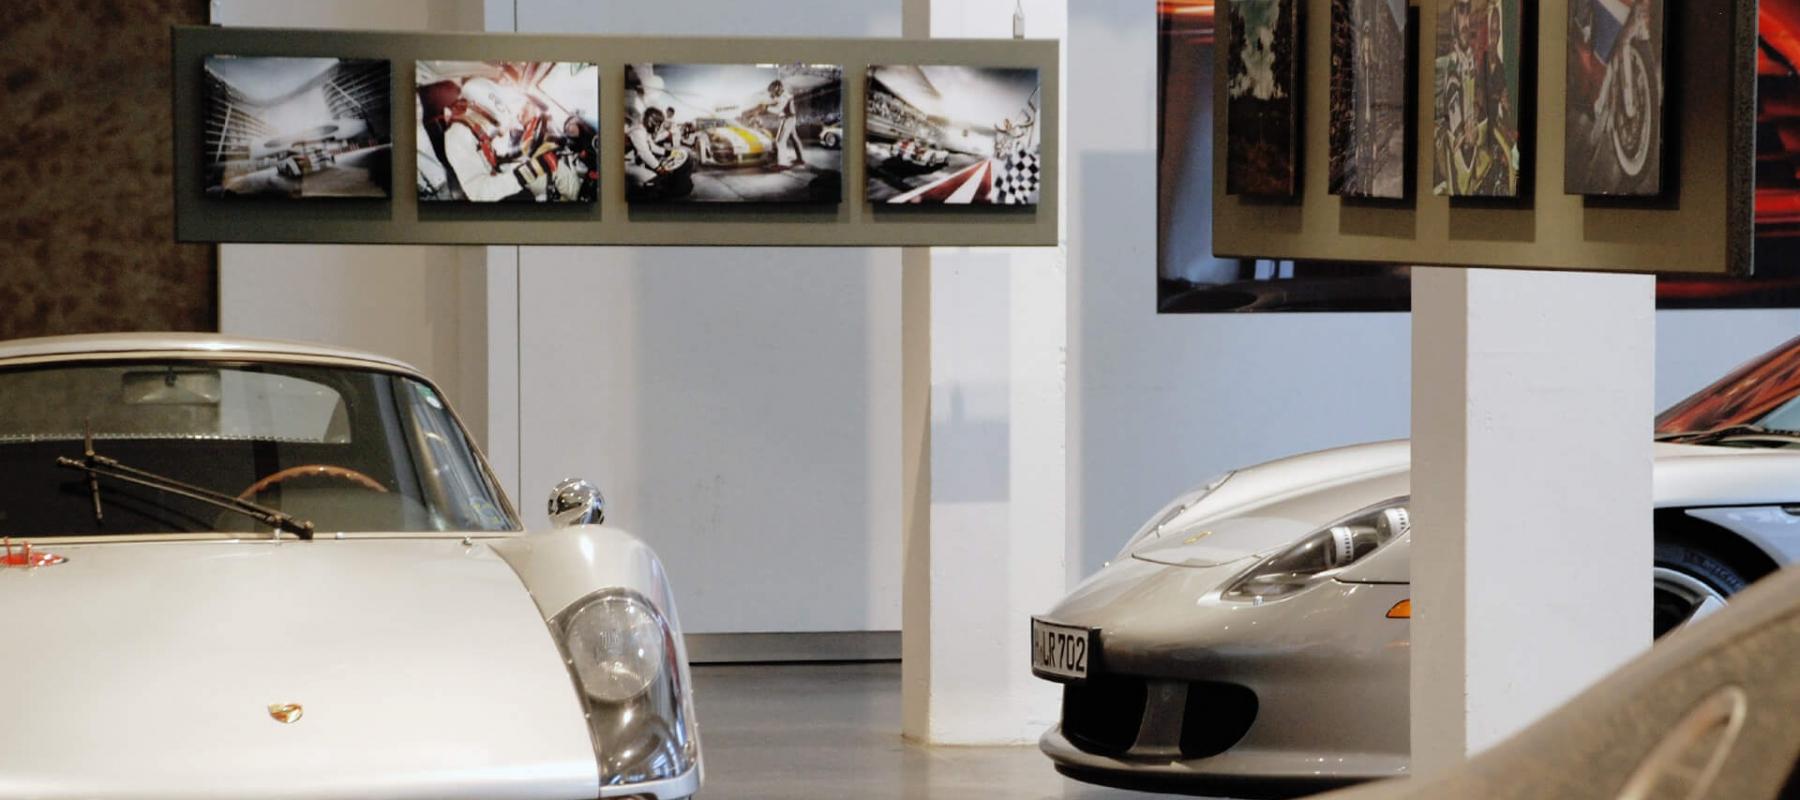 Bei dieser Sonderausstellung zeigte 2013 das Hamburger Automuseum Prototyp großformatige Fotografien des bekannten Automobilfotografen Frank Kayser. Passend zum Titel